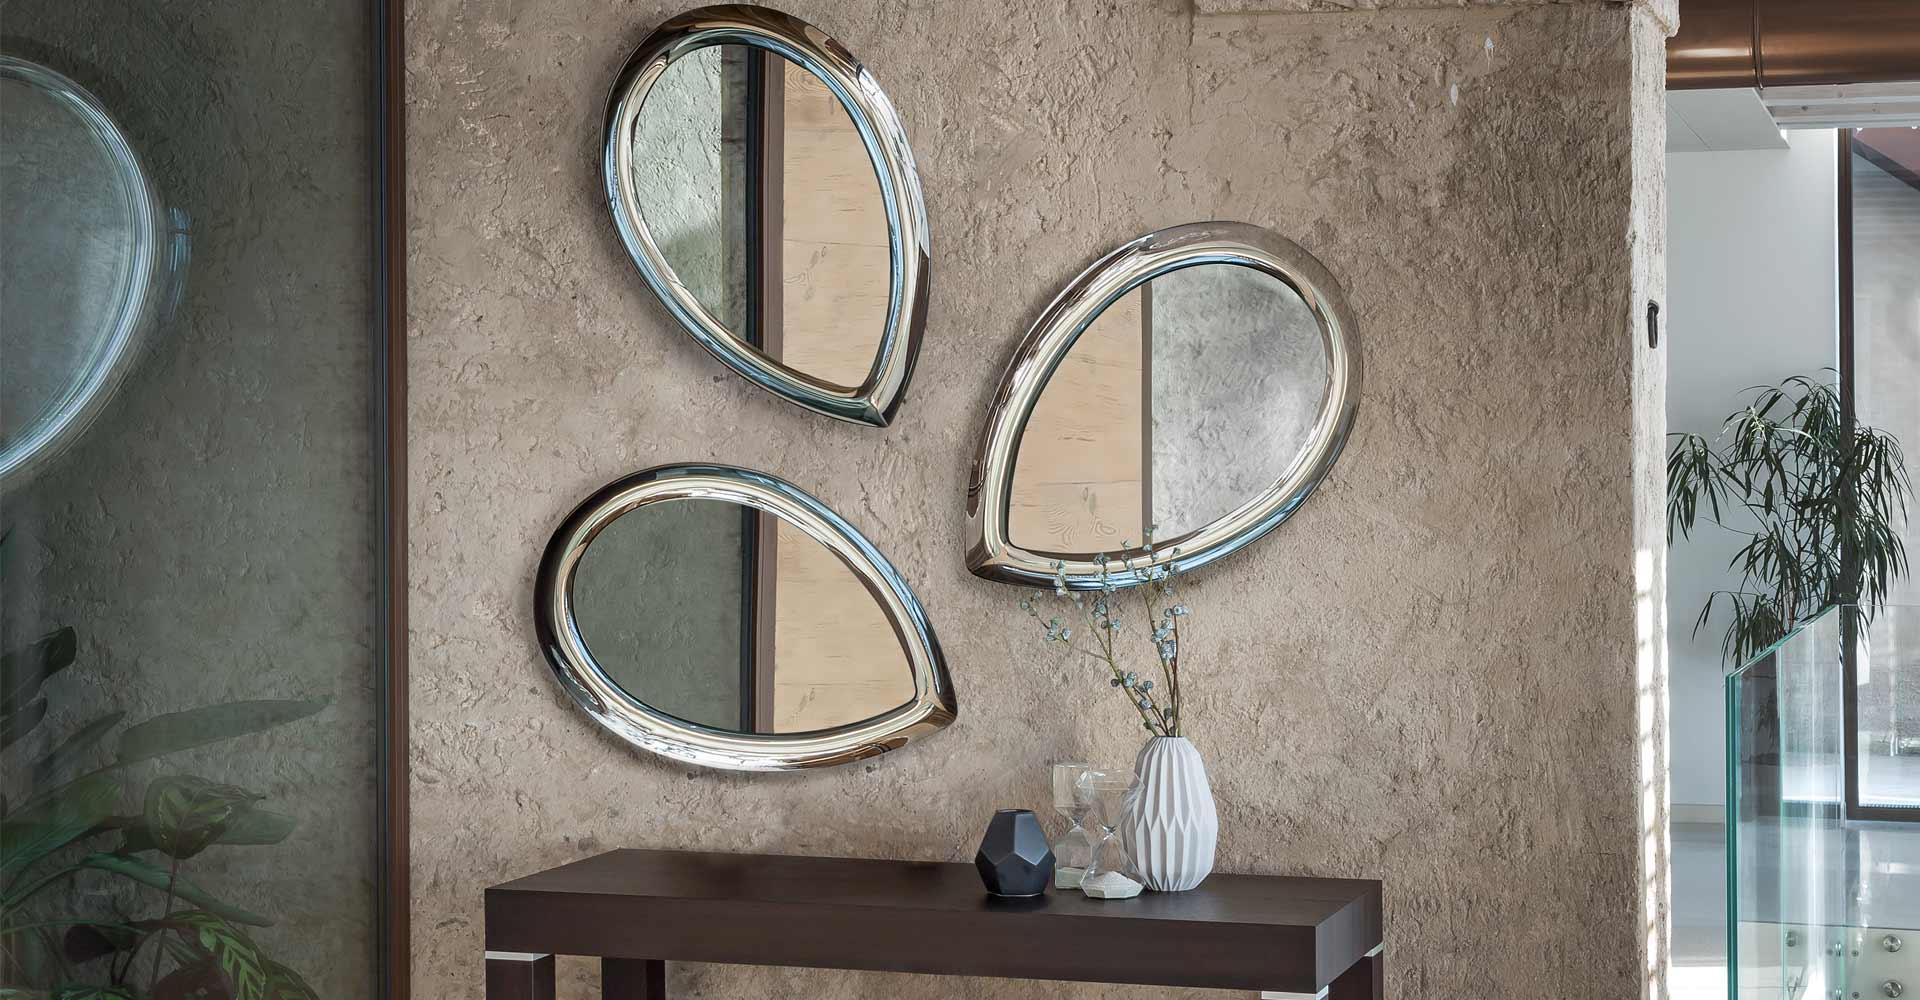 Petalo specchio riflessi - Specchio romantico riflessi prezzo ...